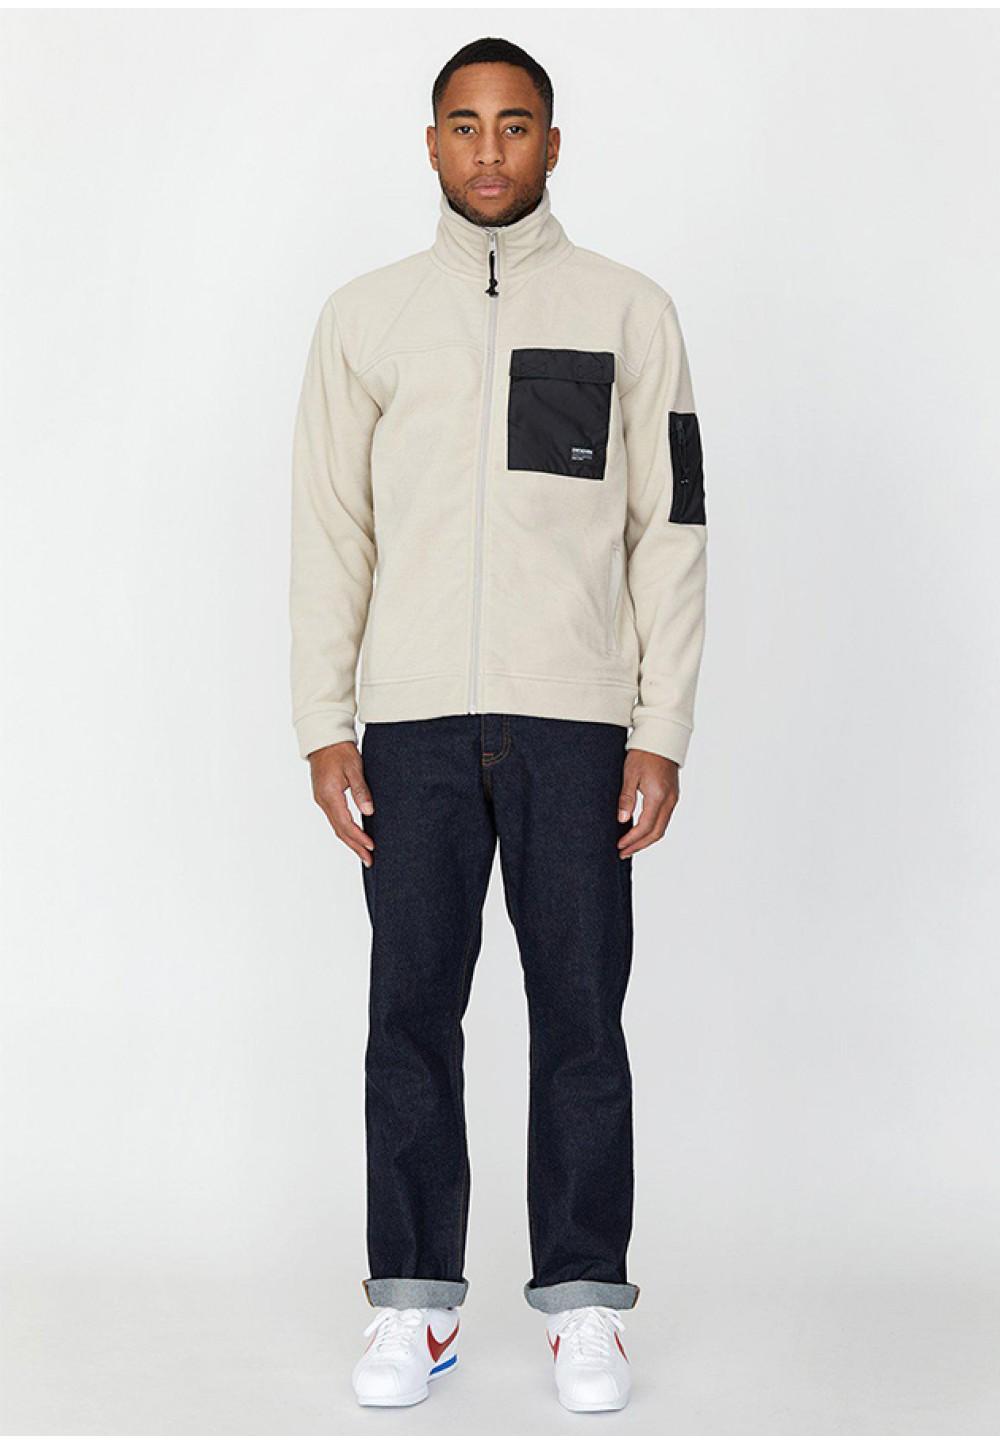 Стильная бежевая куртка Malcom Fleece с накладными карманами